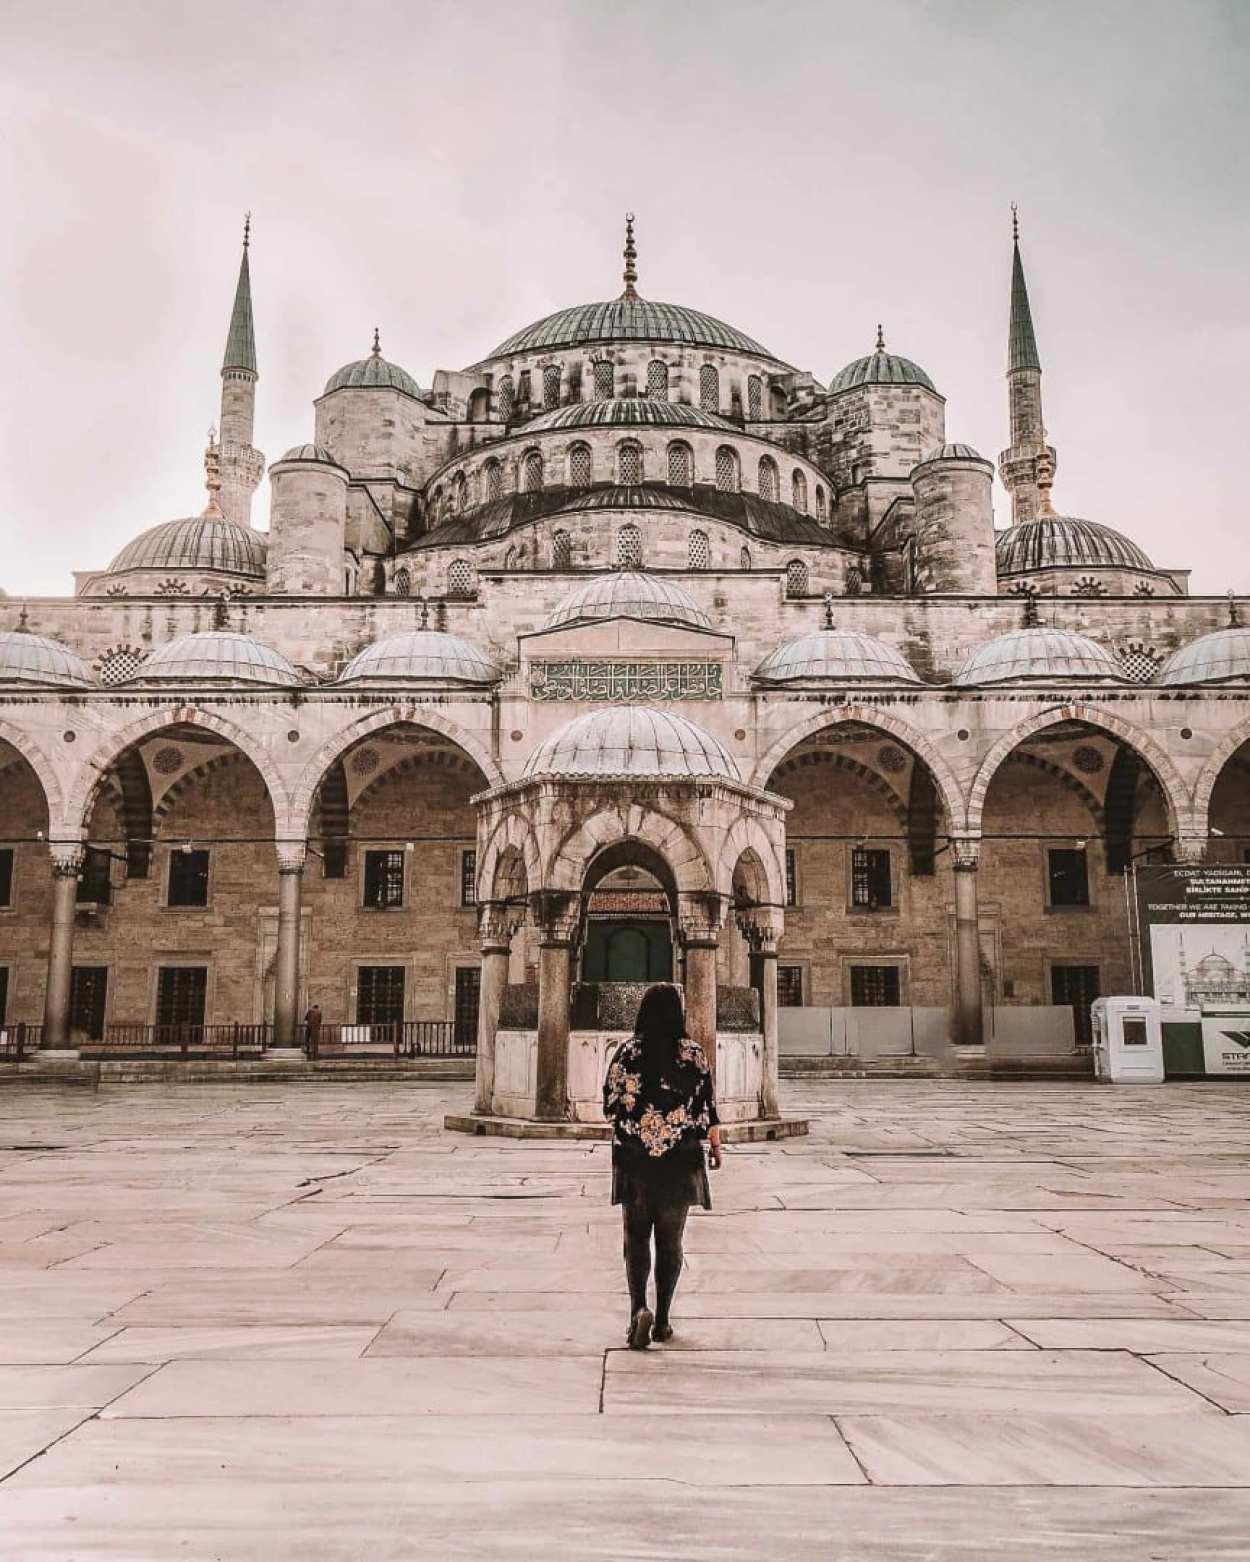 travel blogger work full time tips